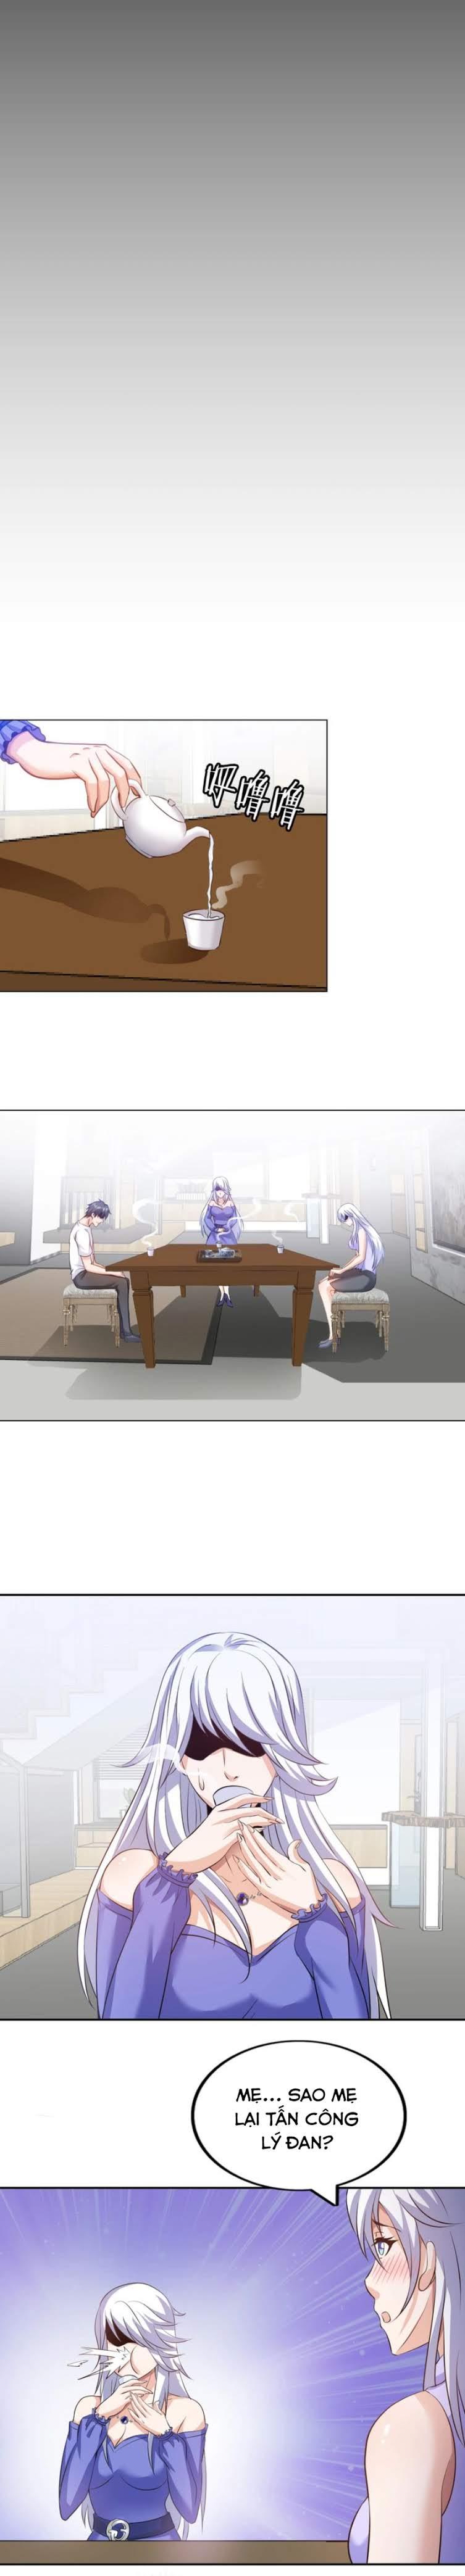 Thần Tiên Dạy Tôi Giả X Chapter 15 video - truyenmh.com